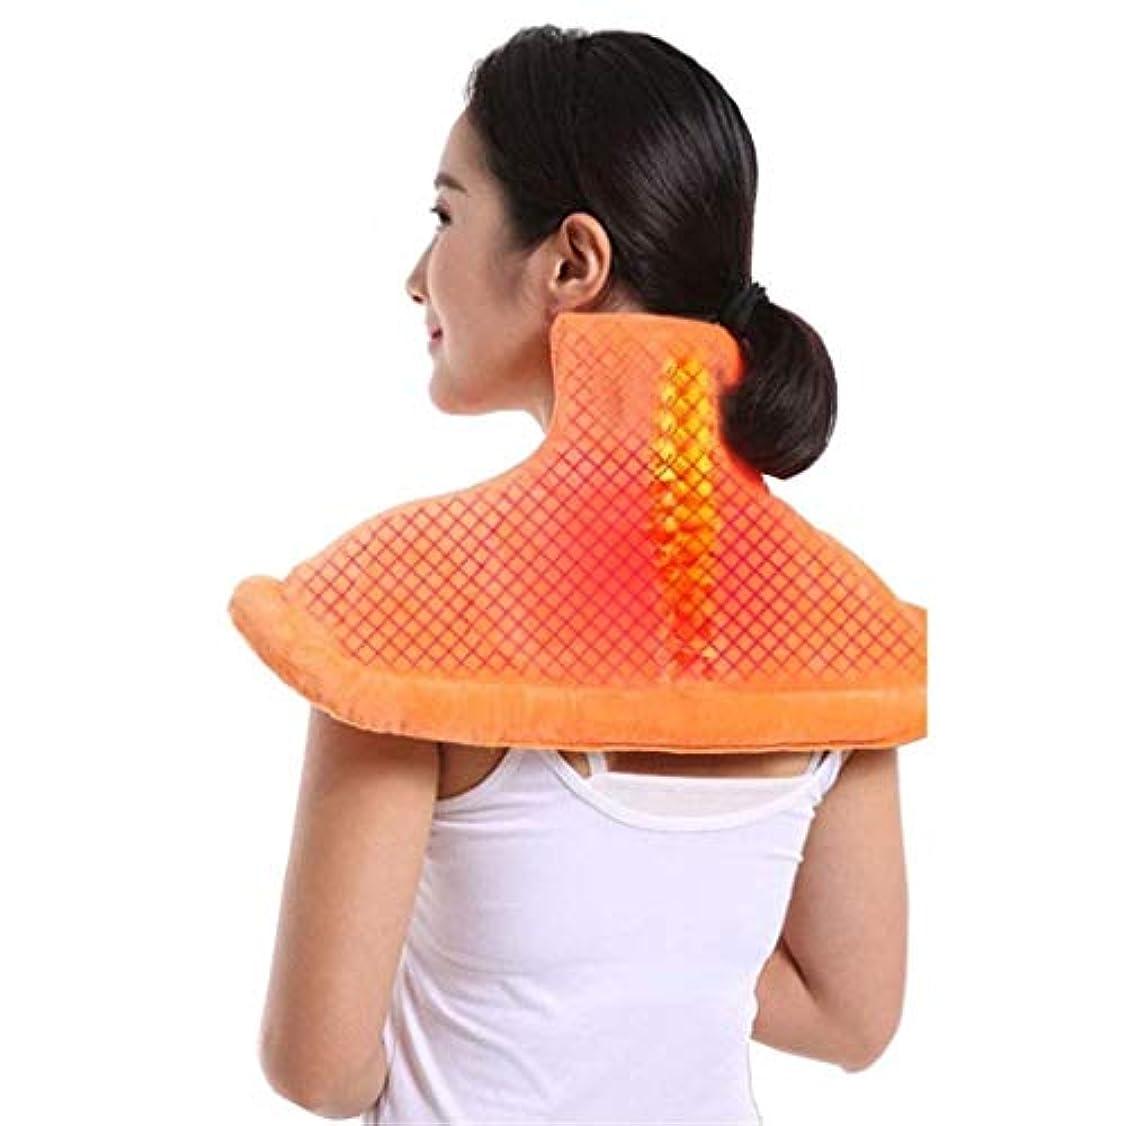 是正する天才真面目な首のマッサージャー、電熱パッド、首と肩と背中の痛みを和らげるツール、ストレス緩和筋肉温熱療法パッド